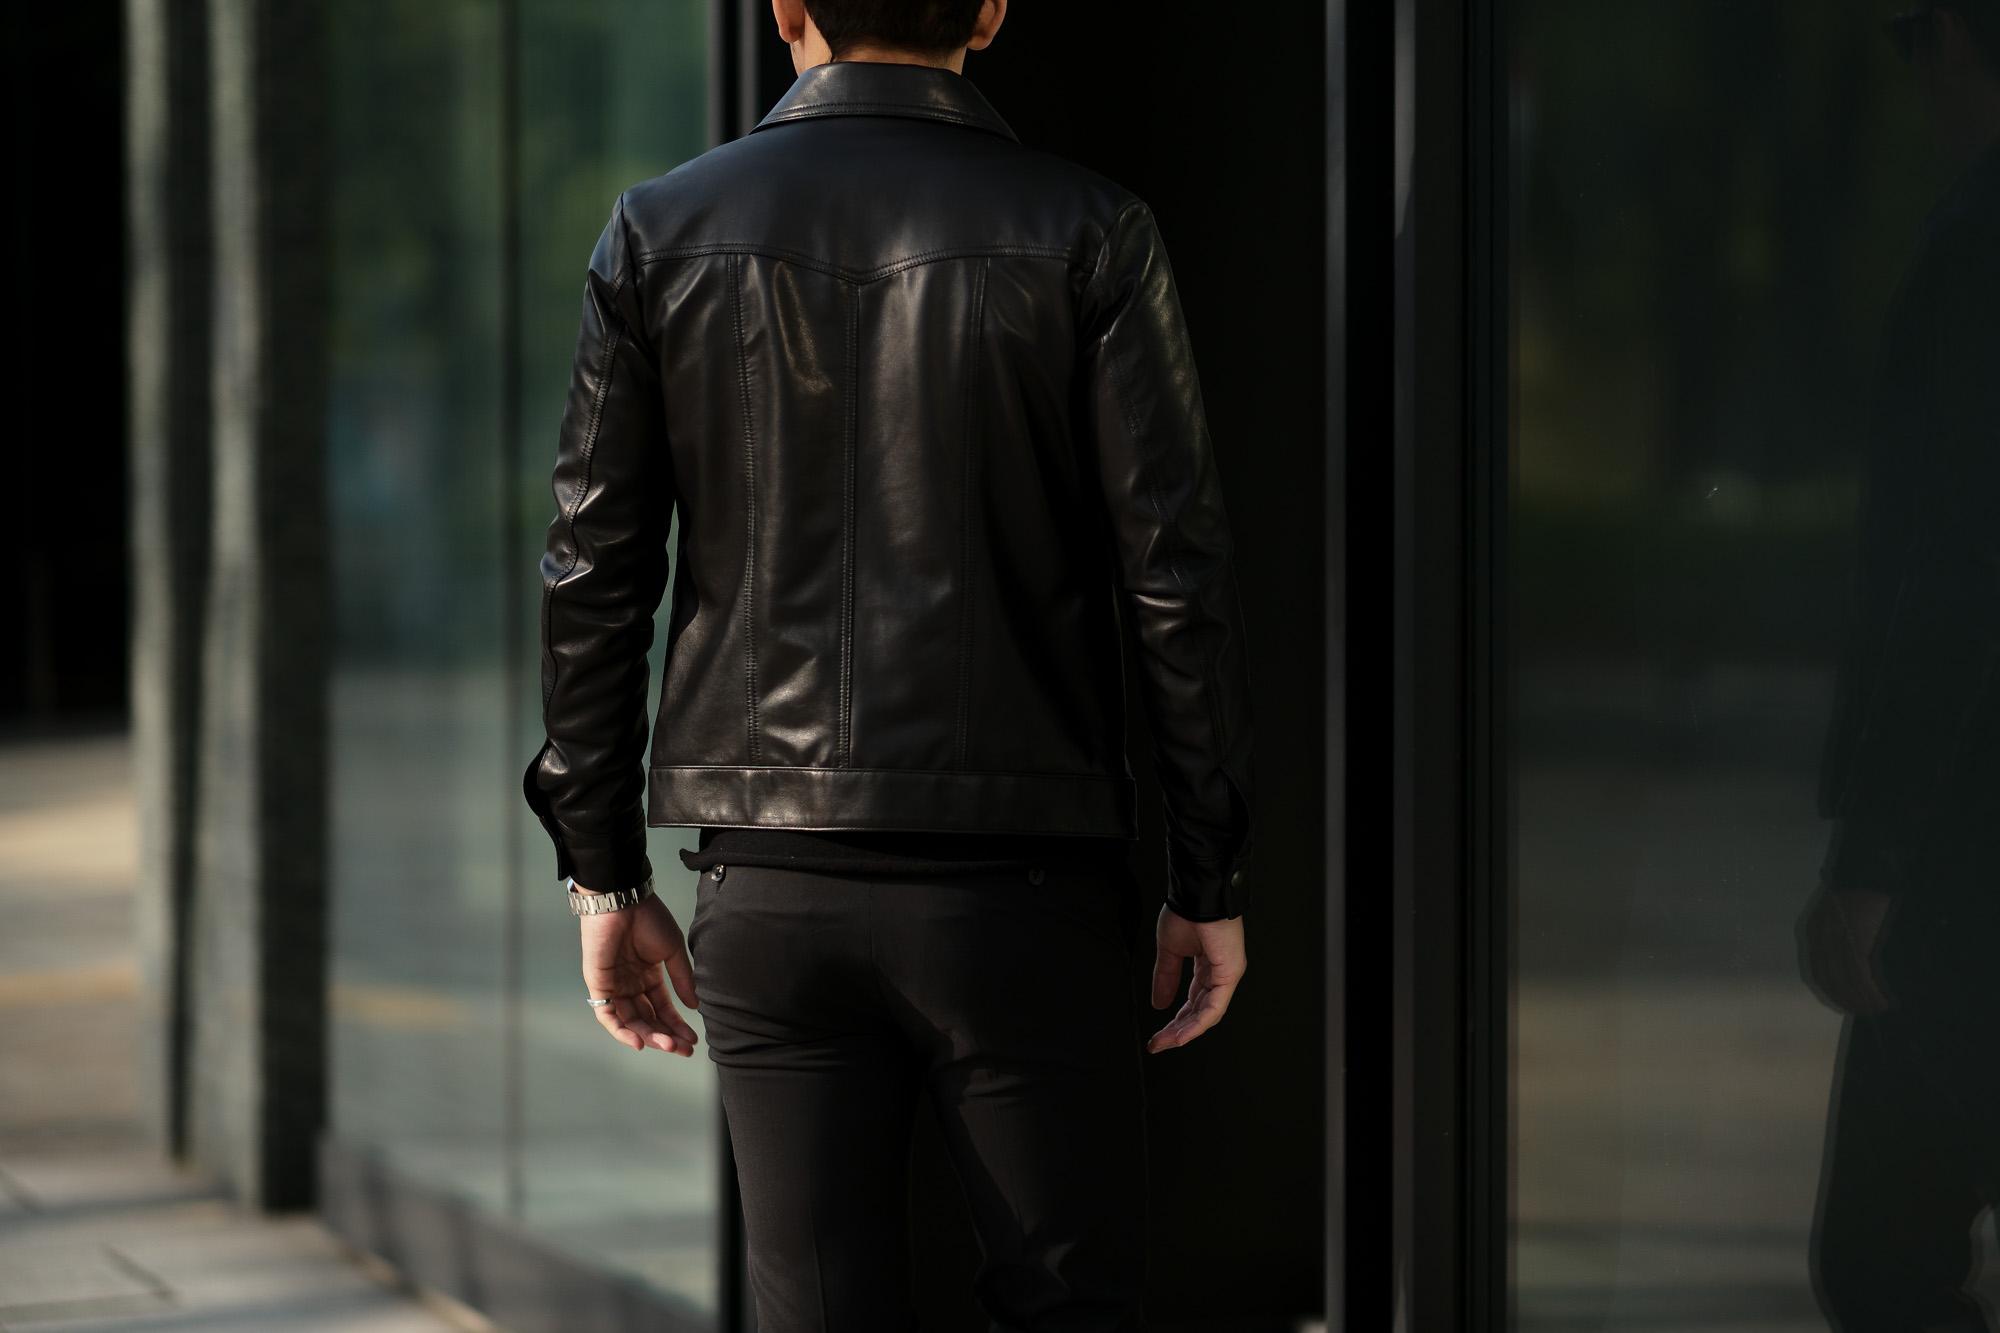 cuervo bopoha (クエルボ ヴァローナ) Satisfaction Leather Collection (サティスファクション レザー コレクション) JACK (ジャック) LAMB LEATHER (ラムスキン) レザージャケット BLACK (ブラック) MADE IN JAPAN (日本製) 2020 春夏新作 【Special Model】愛知 名古屋 altoediritto アルトエデリット